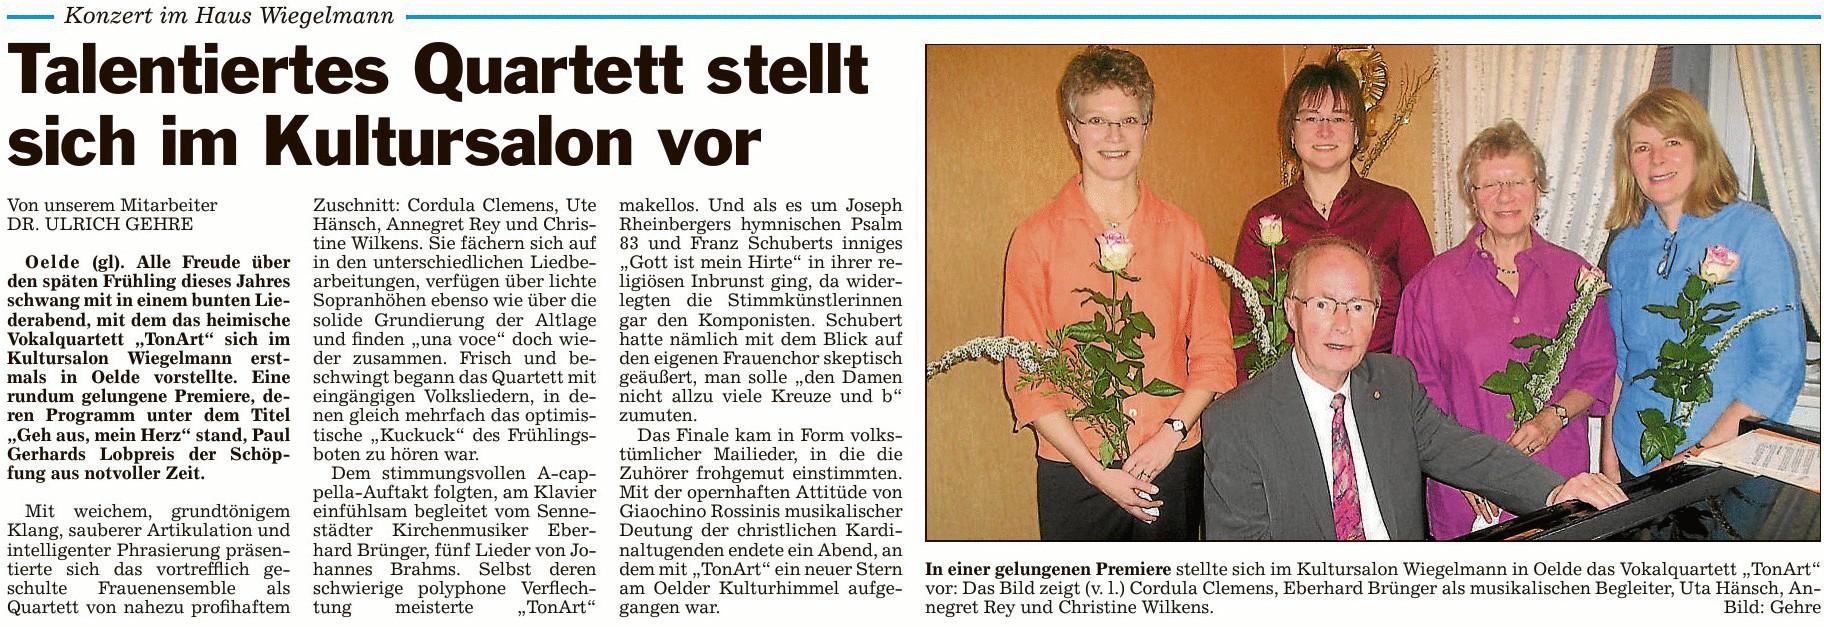 -43-Pressebericht Geh aus mein Herz 03.05.2013